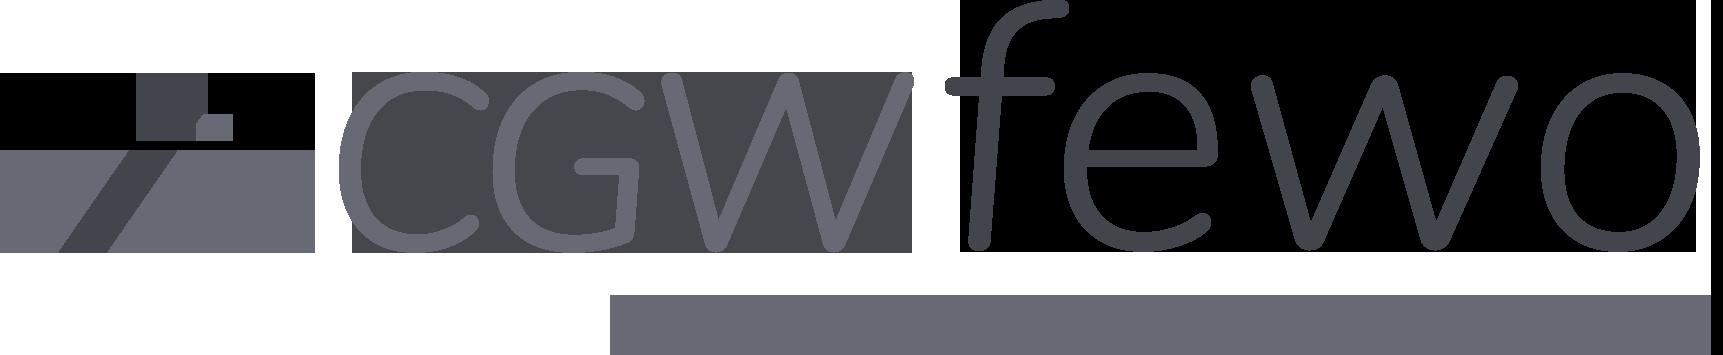 CGWfewo